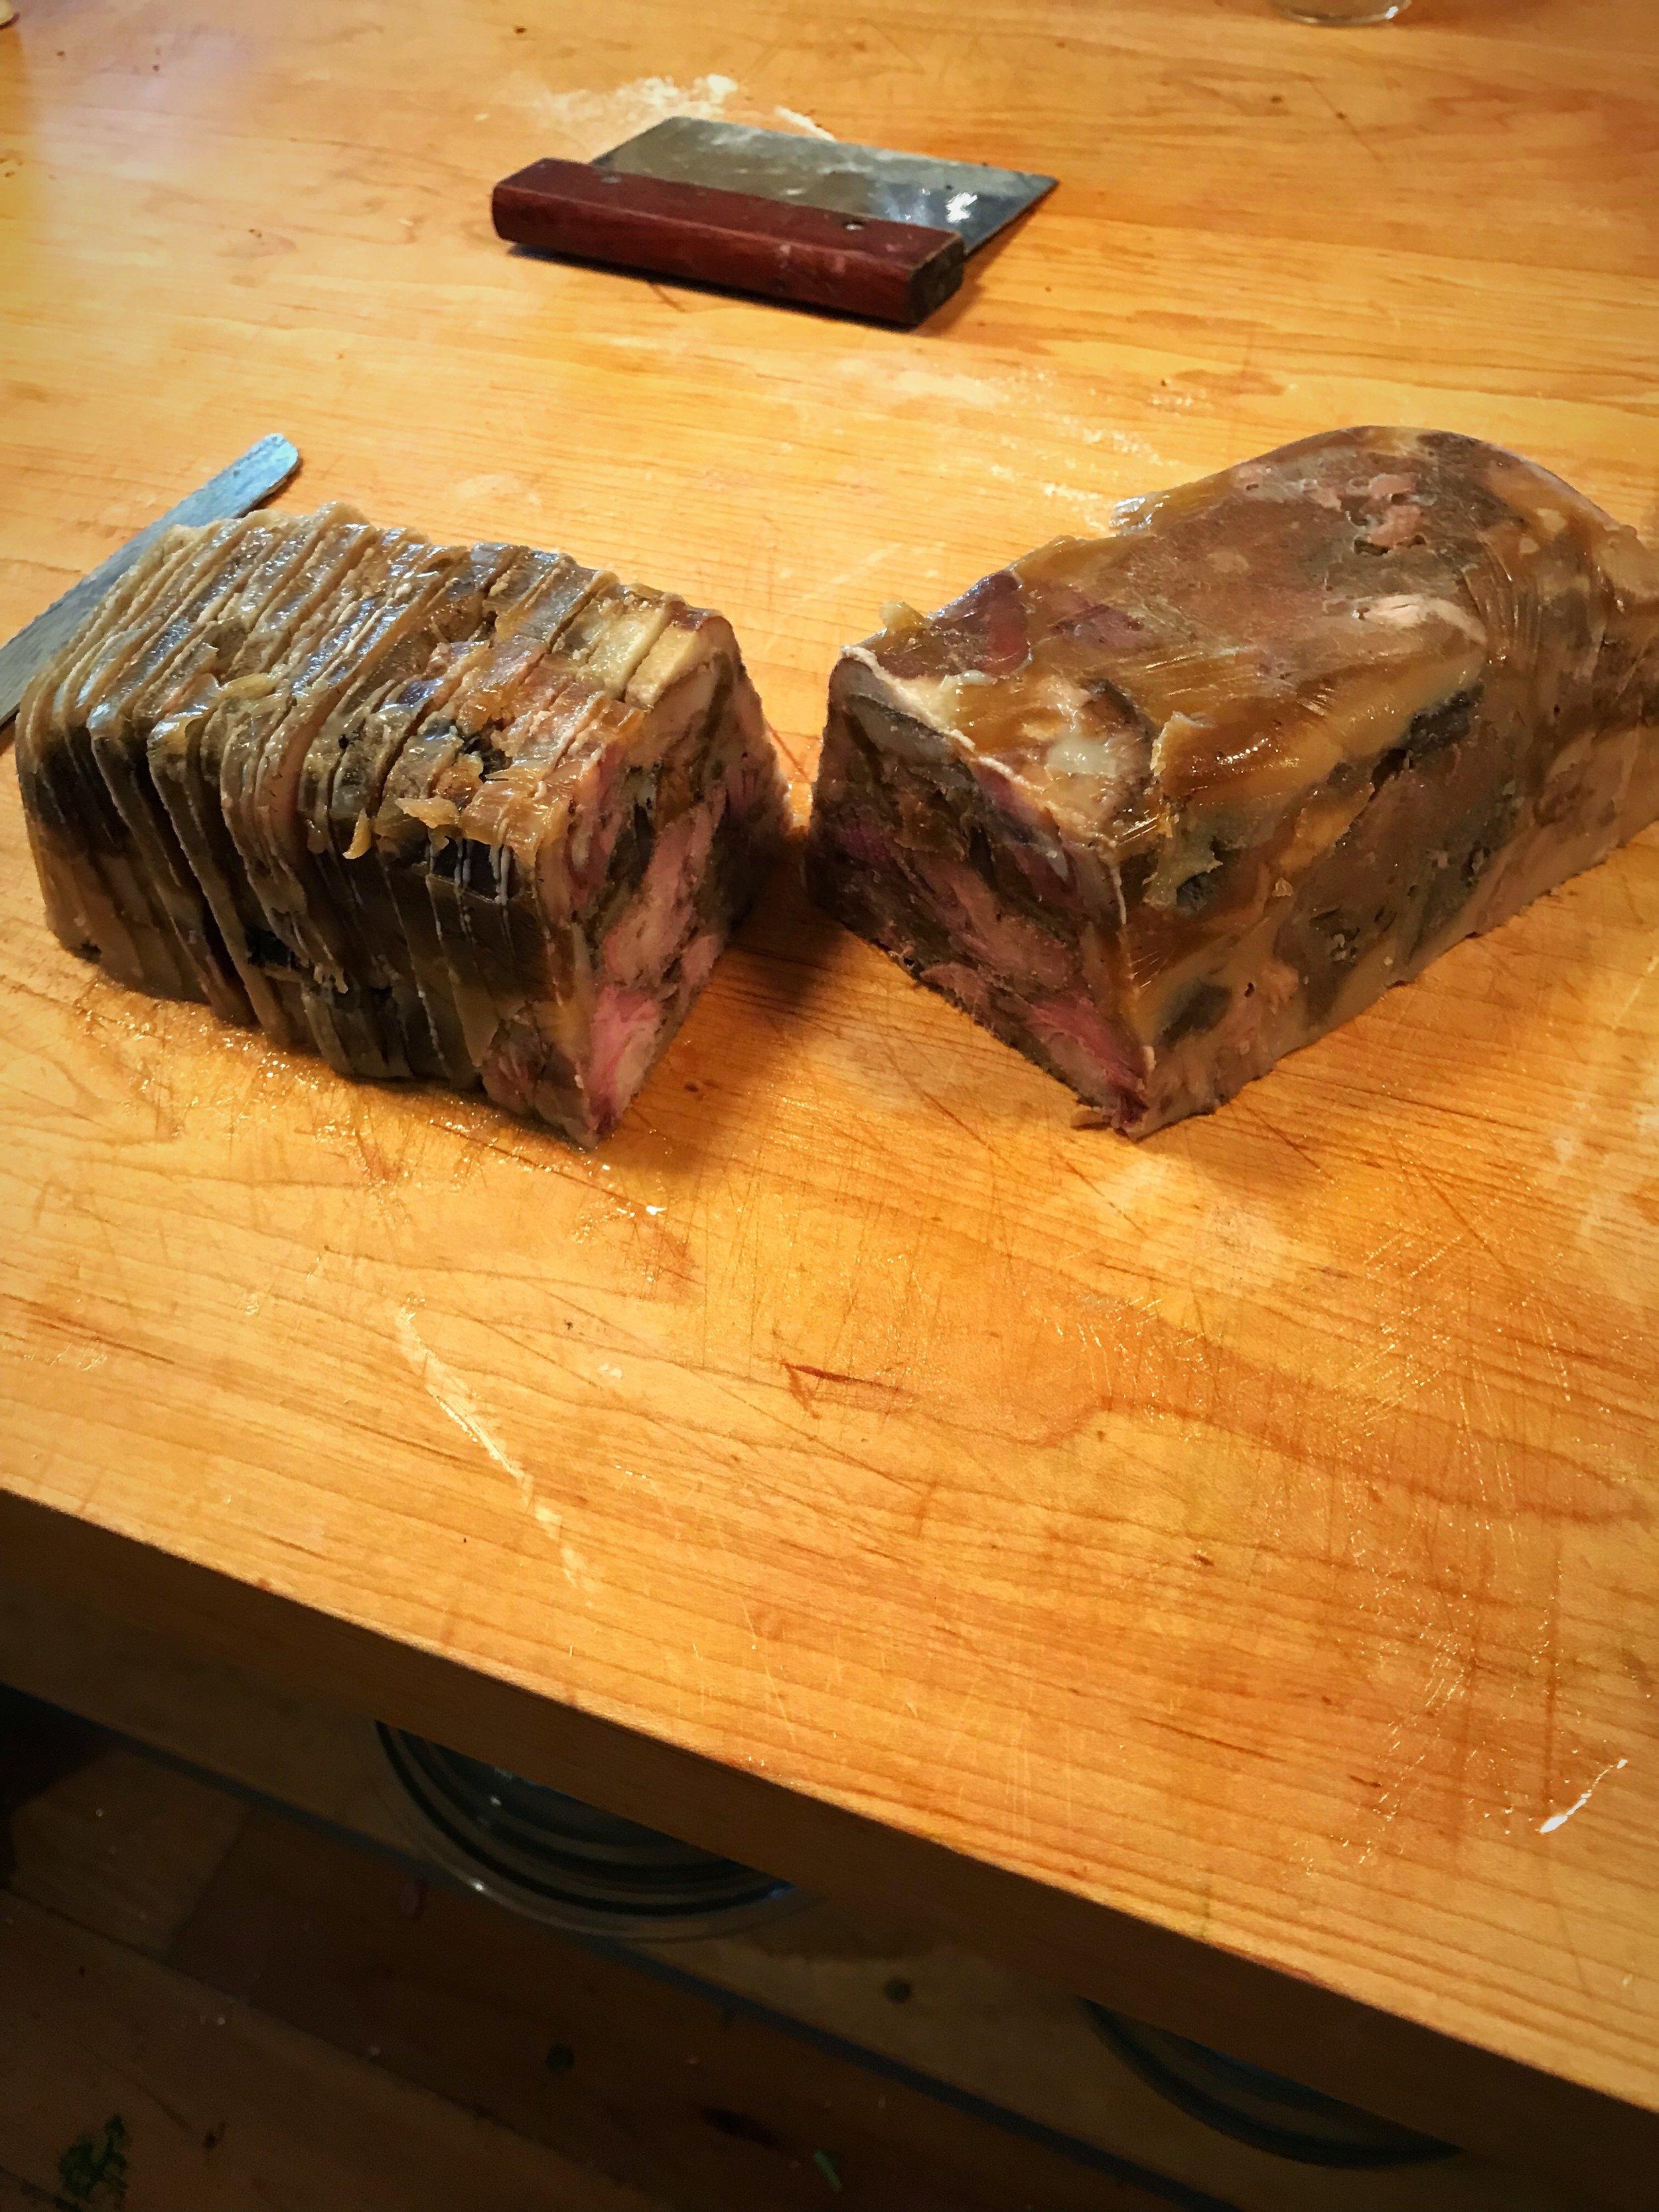 Unmolded Headcheese